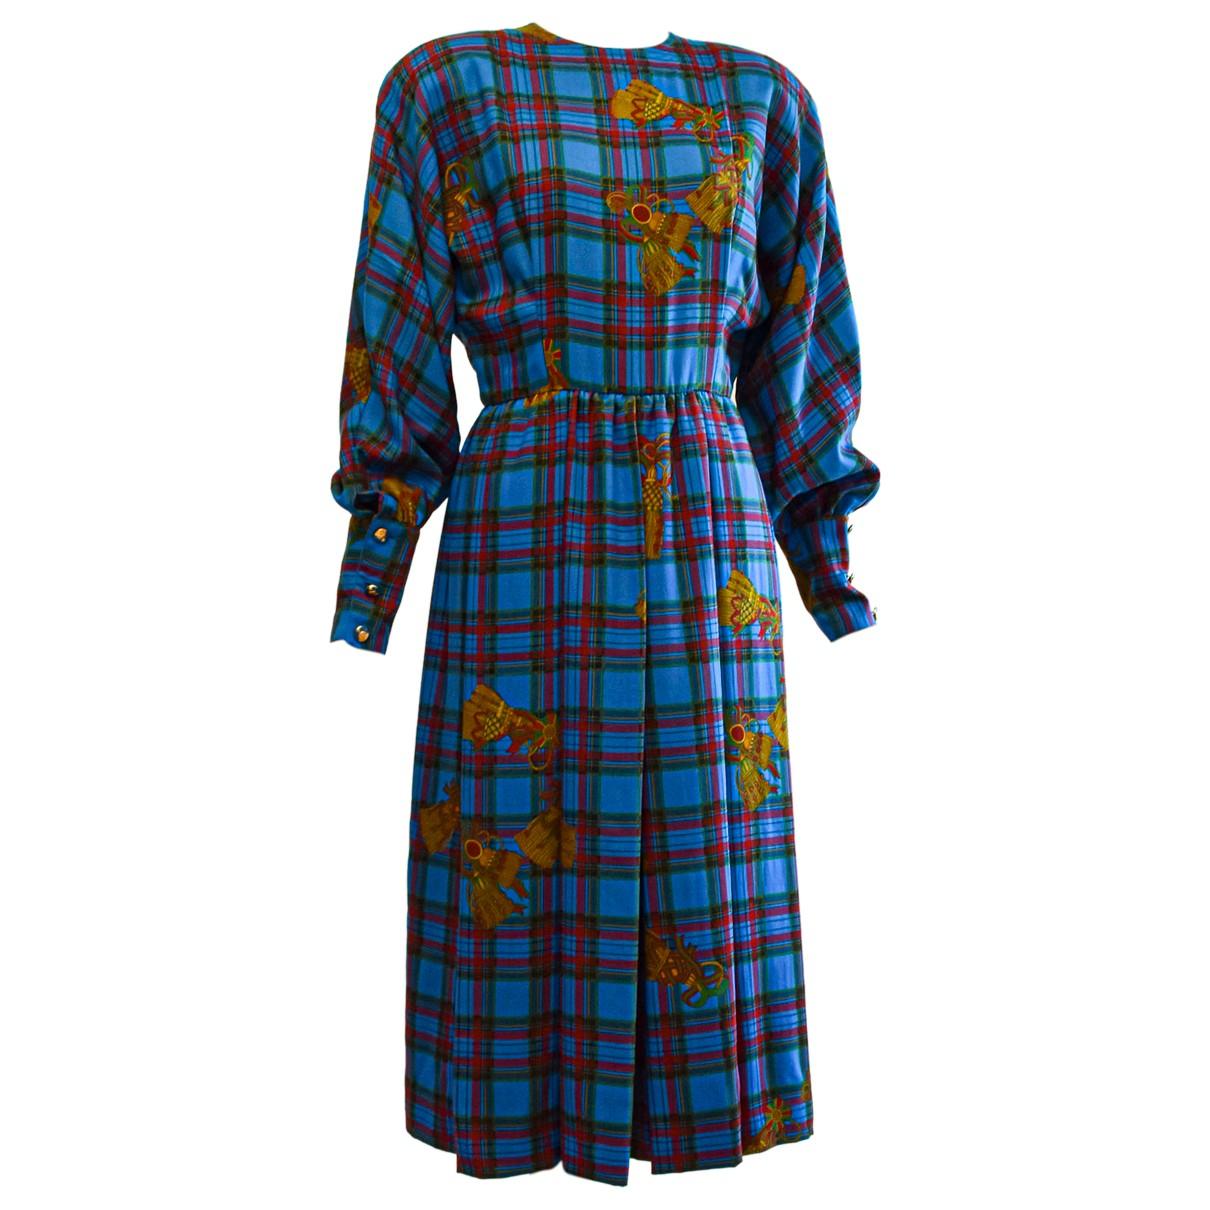 Adele Simpson \N Kleid in  Blau Wolle